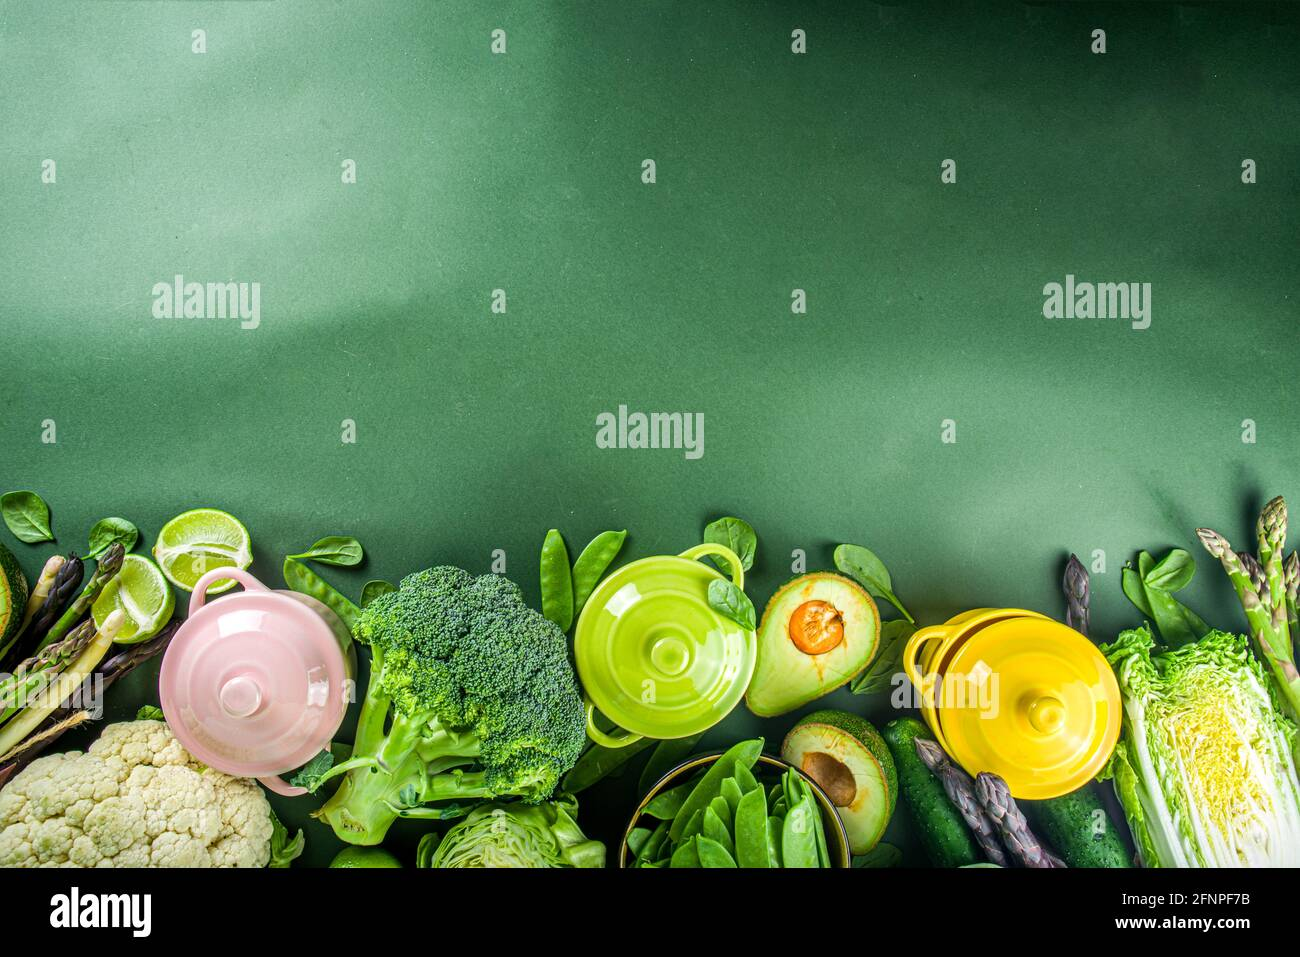 Divers ingrédients biologiques de légumes de printemps verts avec des marmites colorées vides sur table de cuisine vert foncé, vue du dessus. Une soupe saine à l'alimentation Banque D'Images